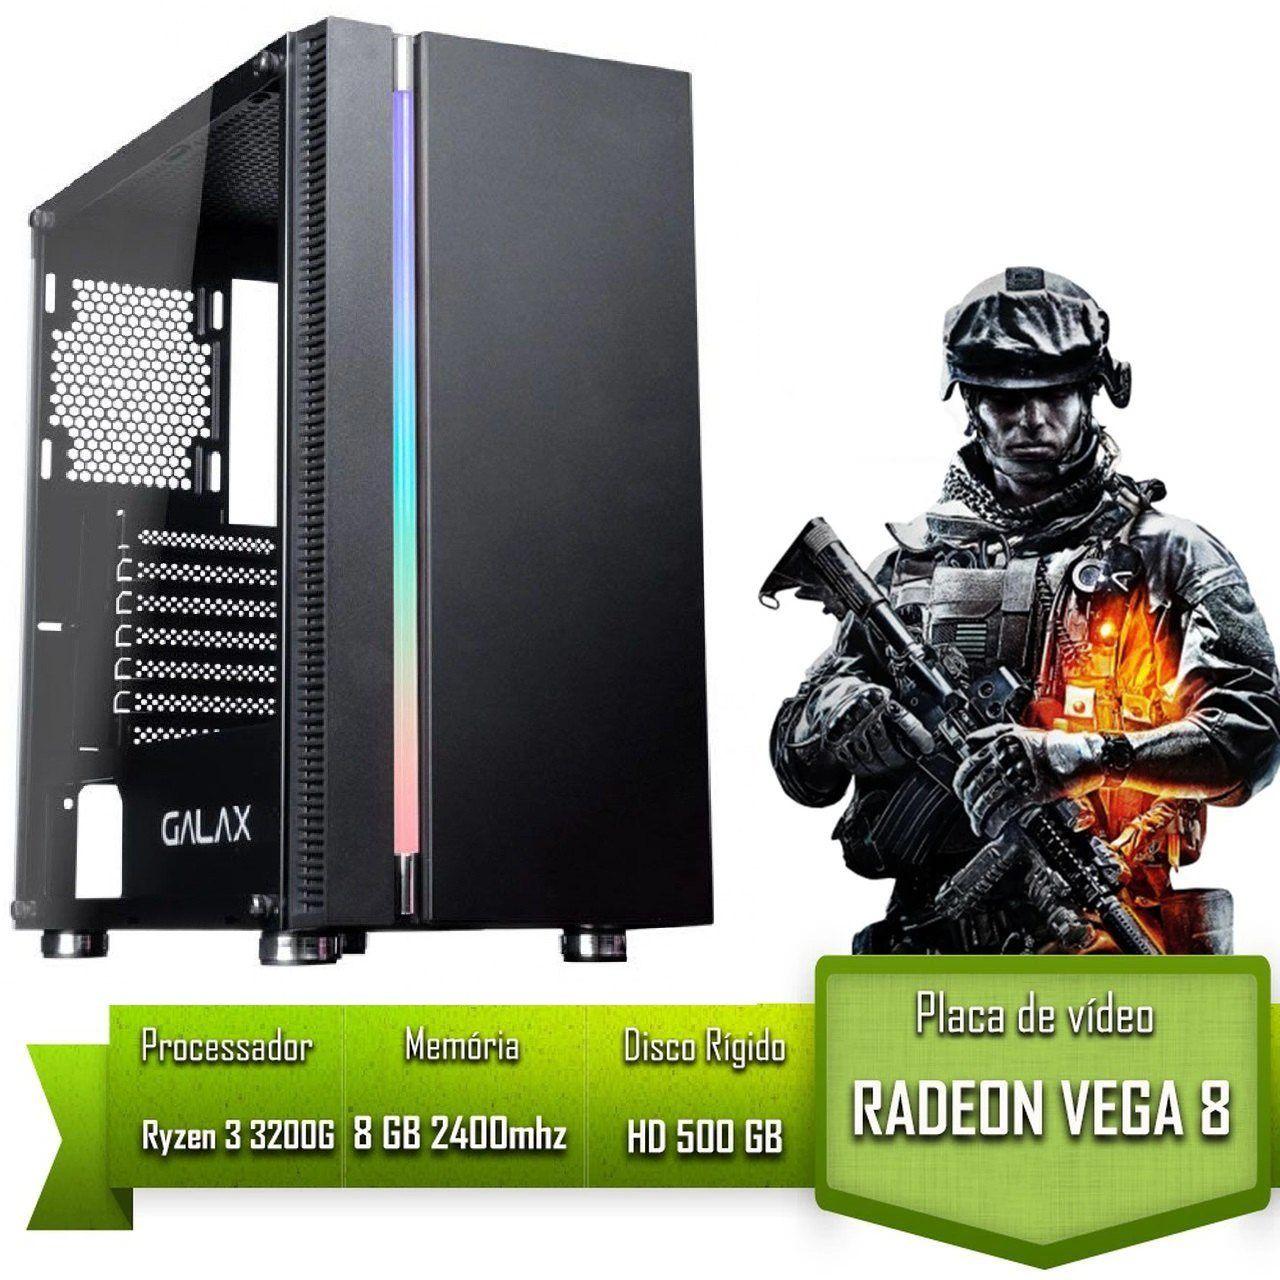 PC GAMER ALLIGATOR GAMING AMD RYZEN 3 3200G / 8GB 2400MHZ /HD 500GB / VEGA 8